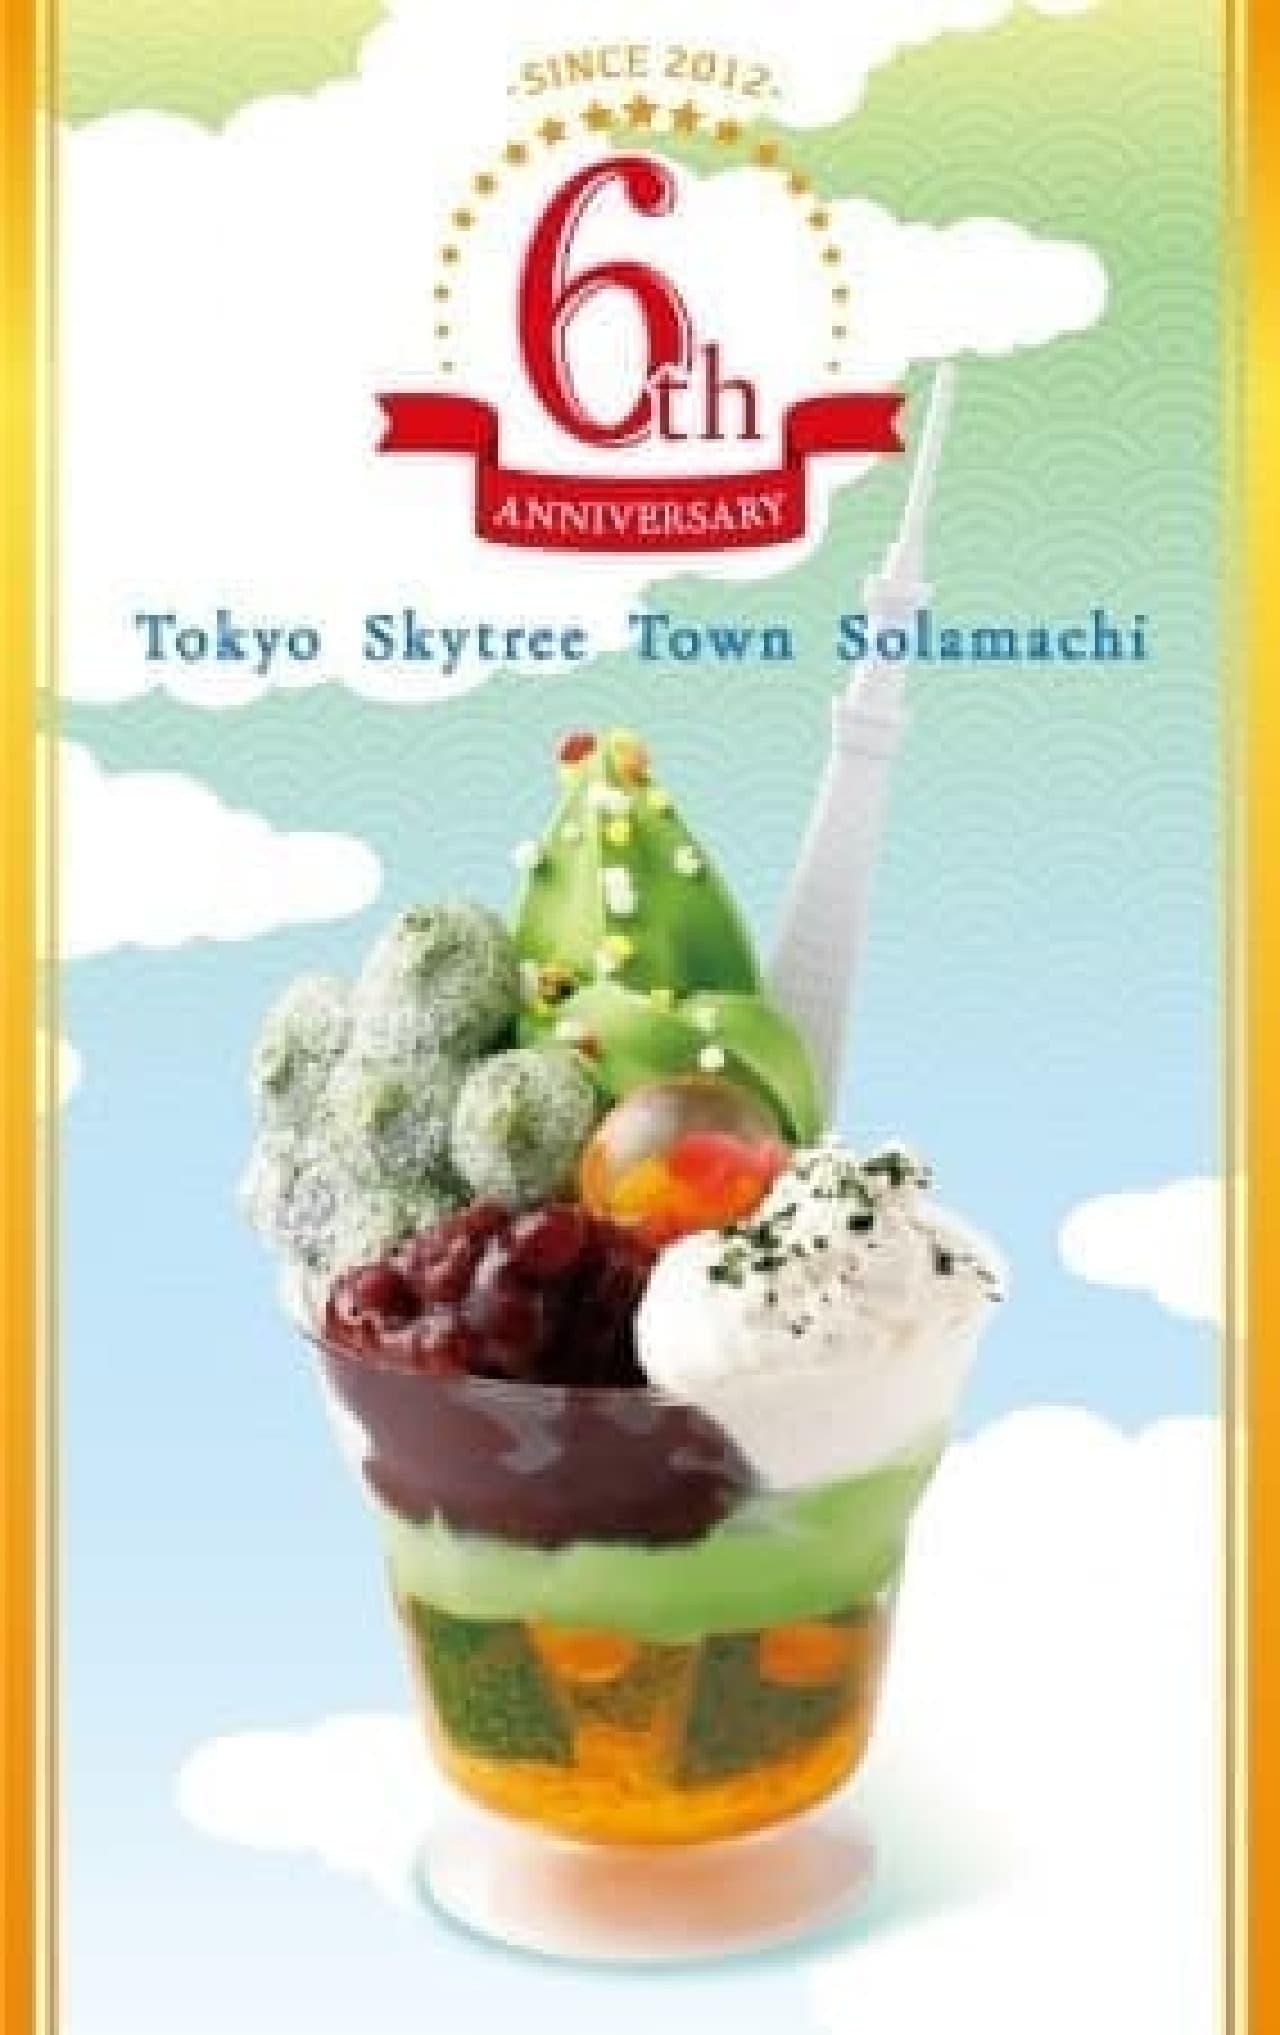 祇園辻利の東京スカイツリータウン・ソラマチ店「6周年ソフト」